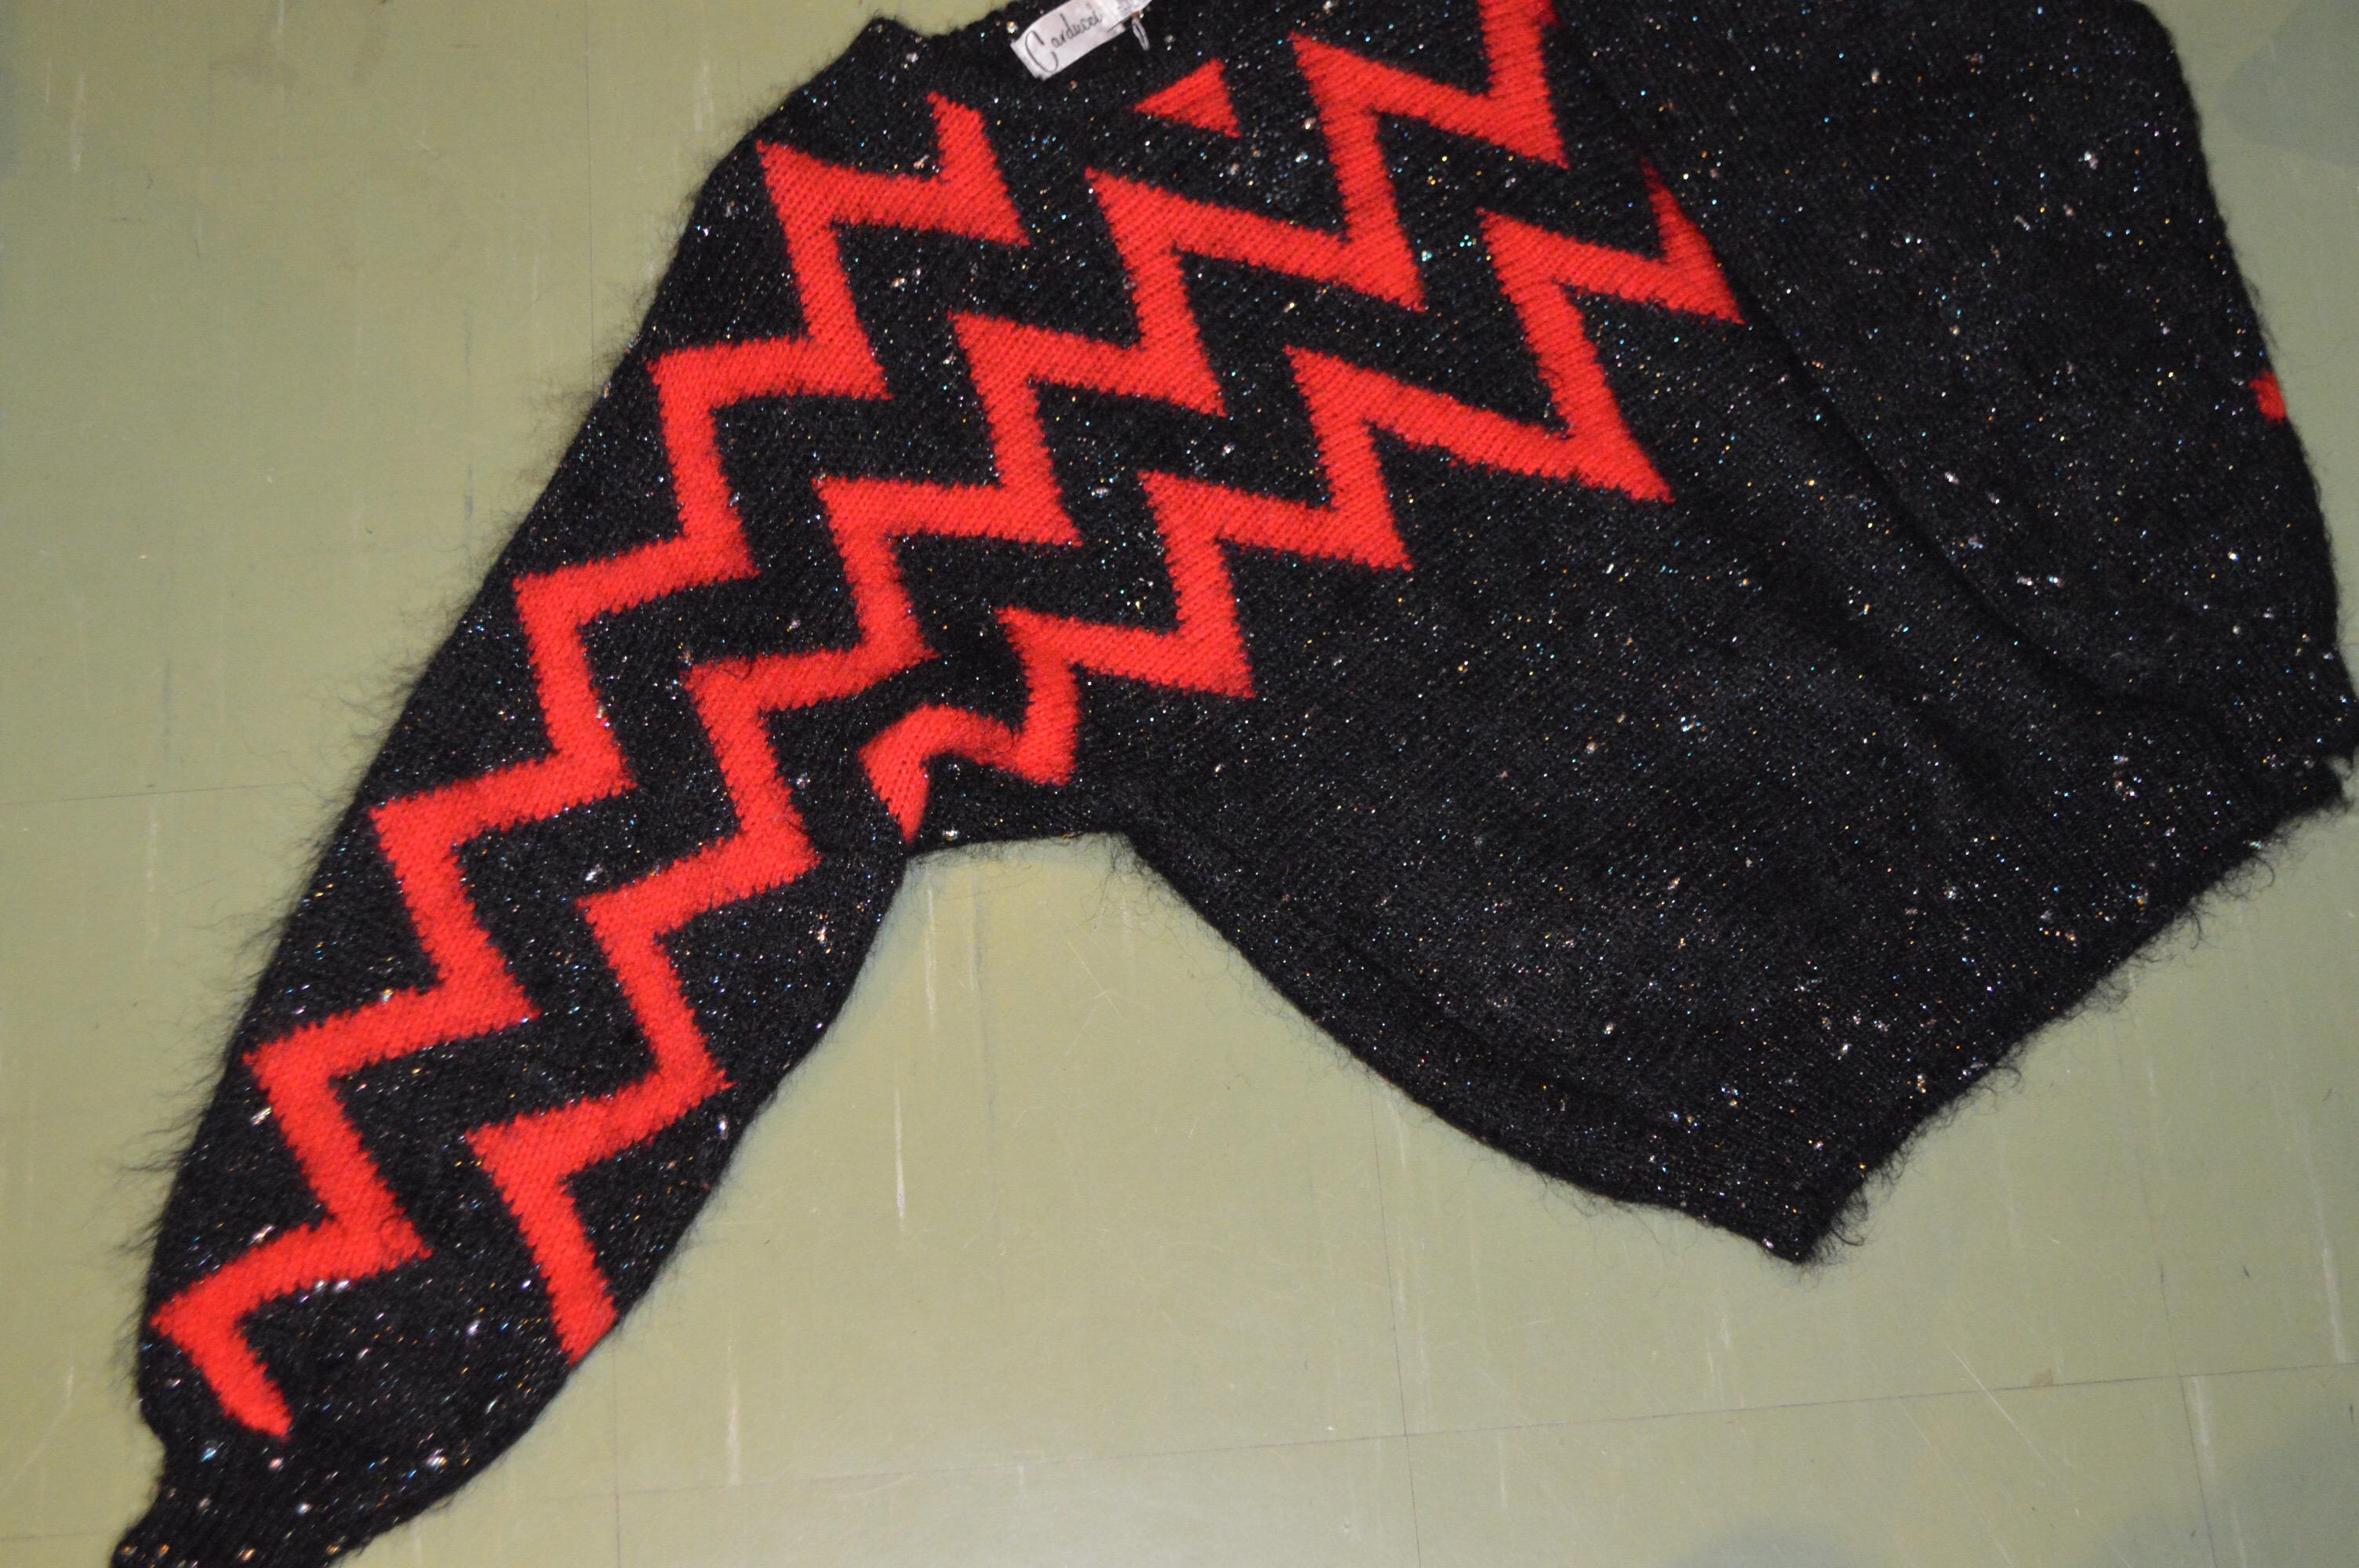 ギザギザデザインなMOHAIRニットセーター!! メンズ レディース